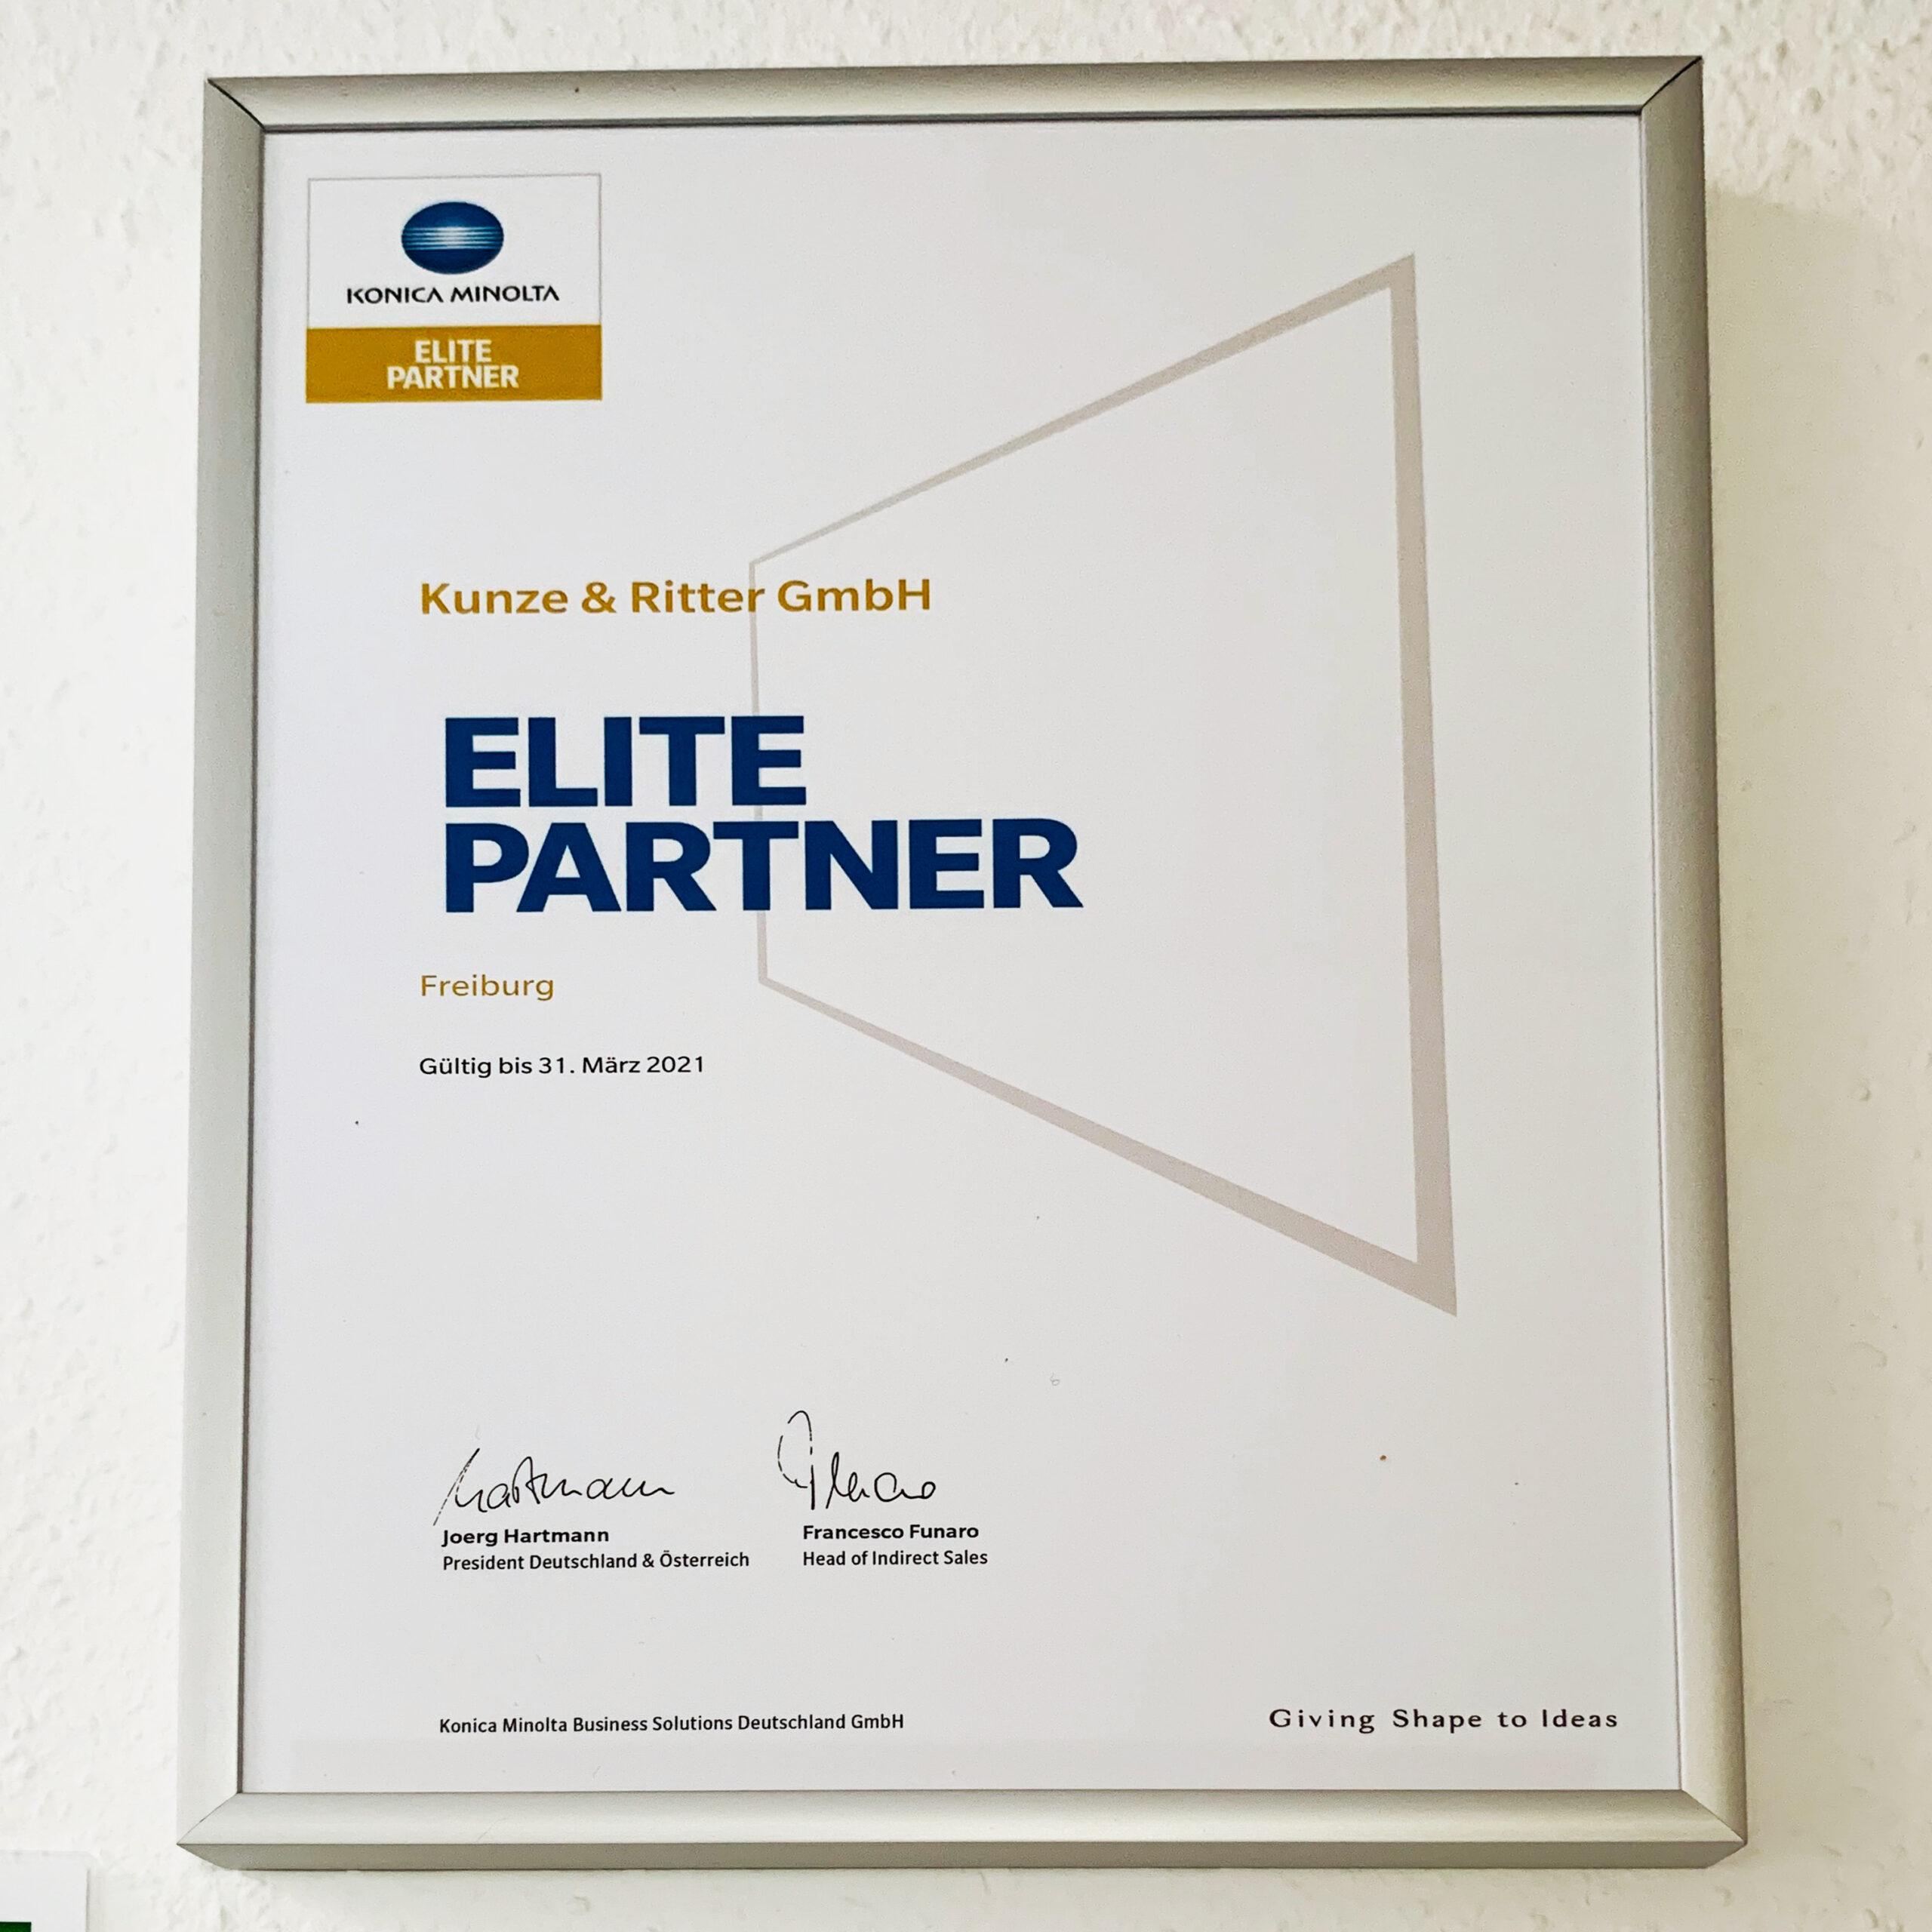 Zertifikat Elite Partner Konica Minolta